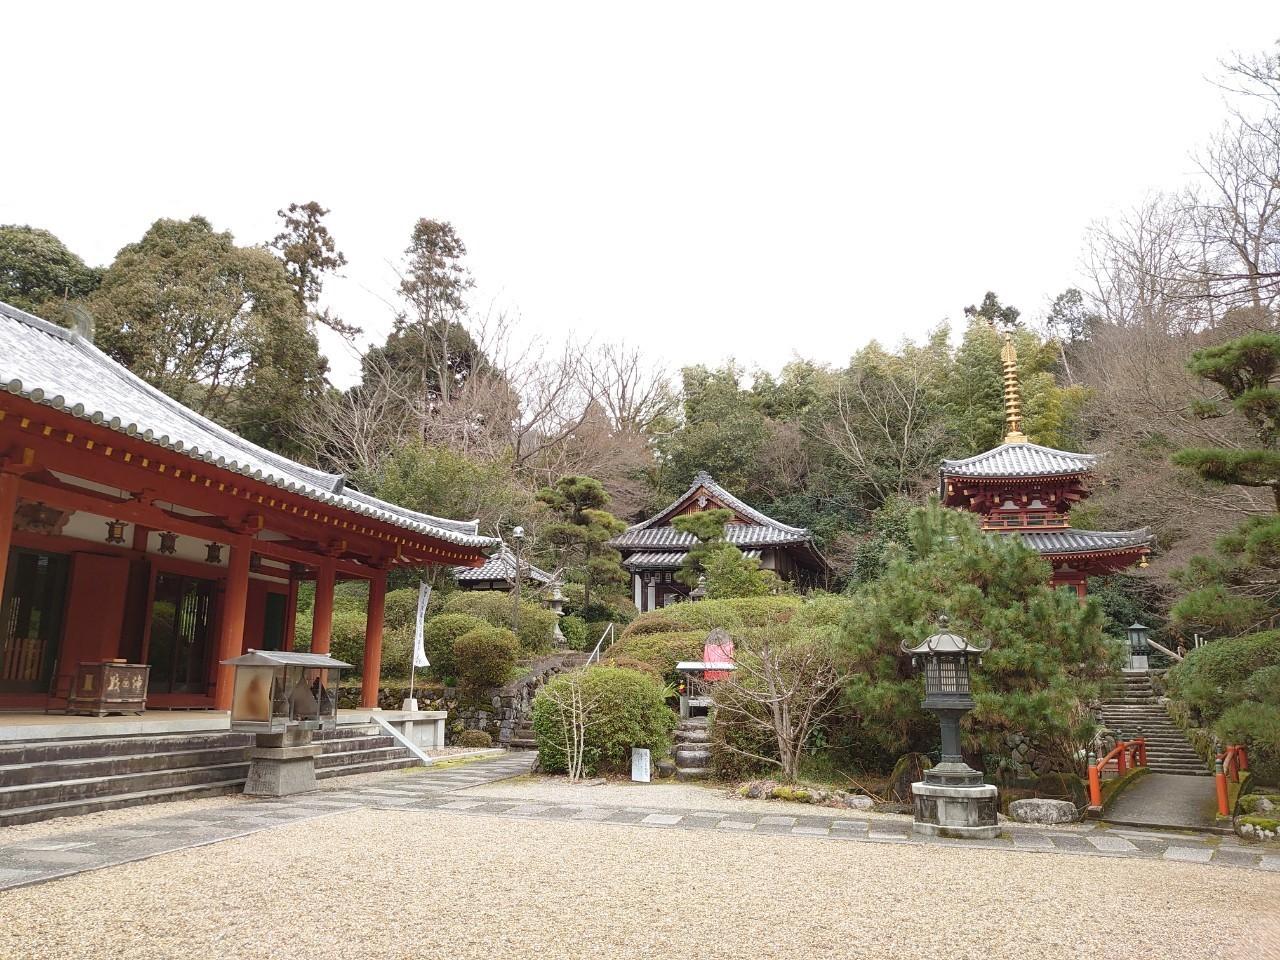 大神神社(おおみわじんじゃ)奈良県桜井市_a0122205_17315326.jpg